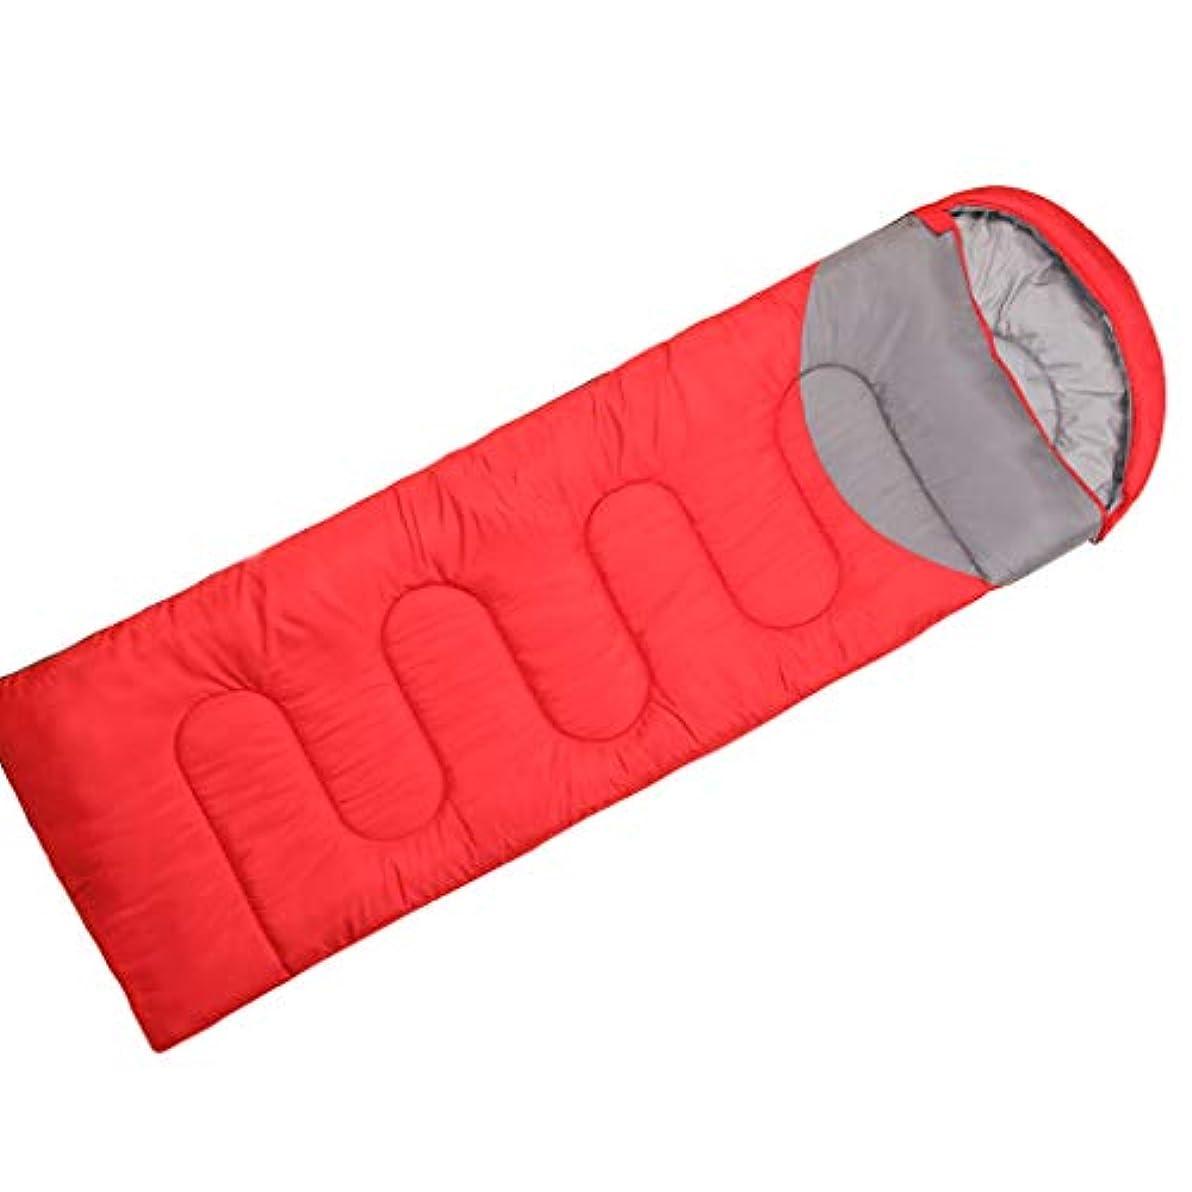 才能シードオレンジLCSHAN 寝袋ポリエステル大人厚手暖かいキャンプ旅行耐湿性ダウンコットン (容量 : A, 色 : Red)